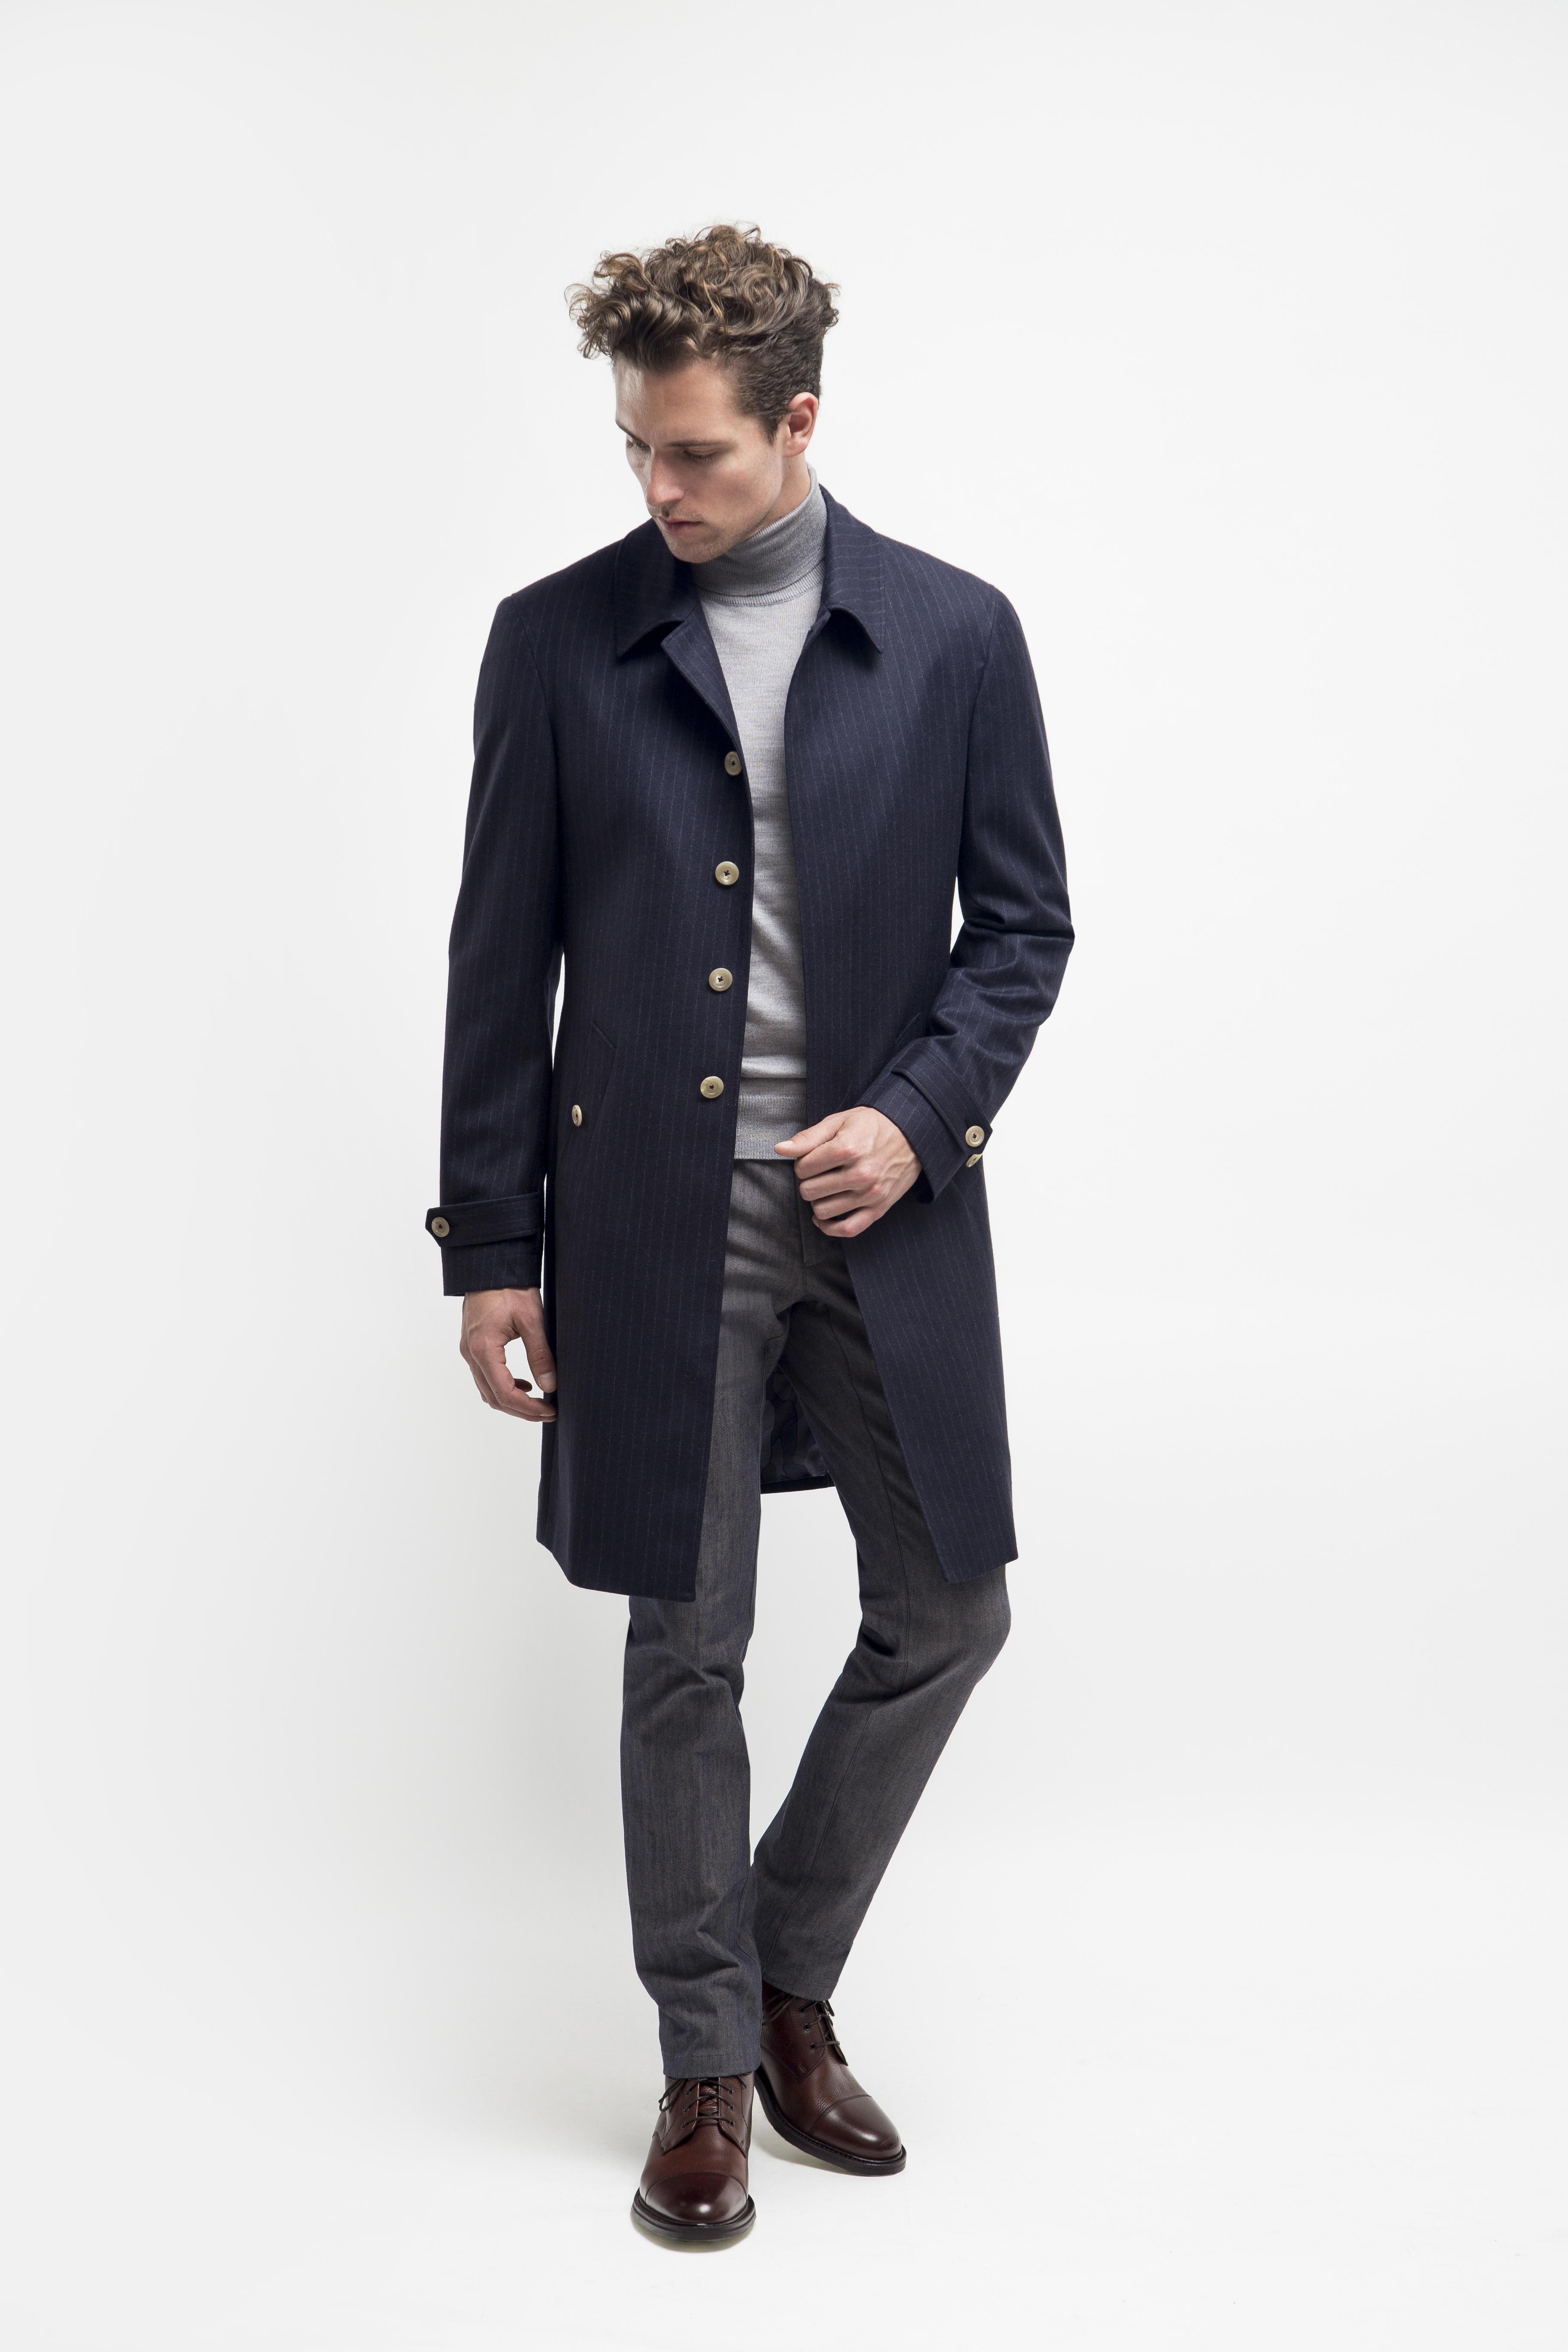 choose clearance how to choose 50% off Mac Rain Coat In Blue - Lloyd Hall Bespoke Menswear